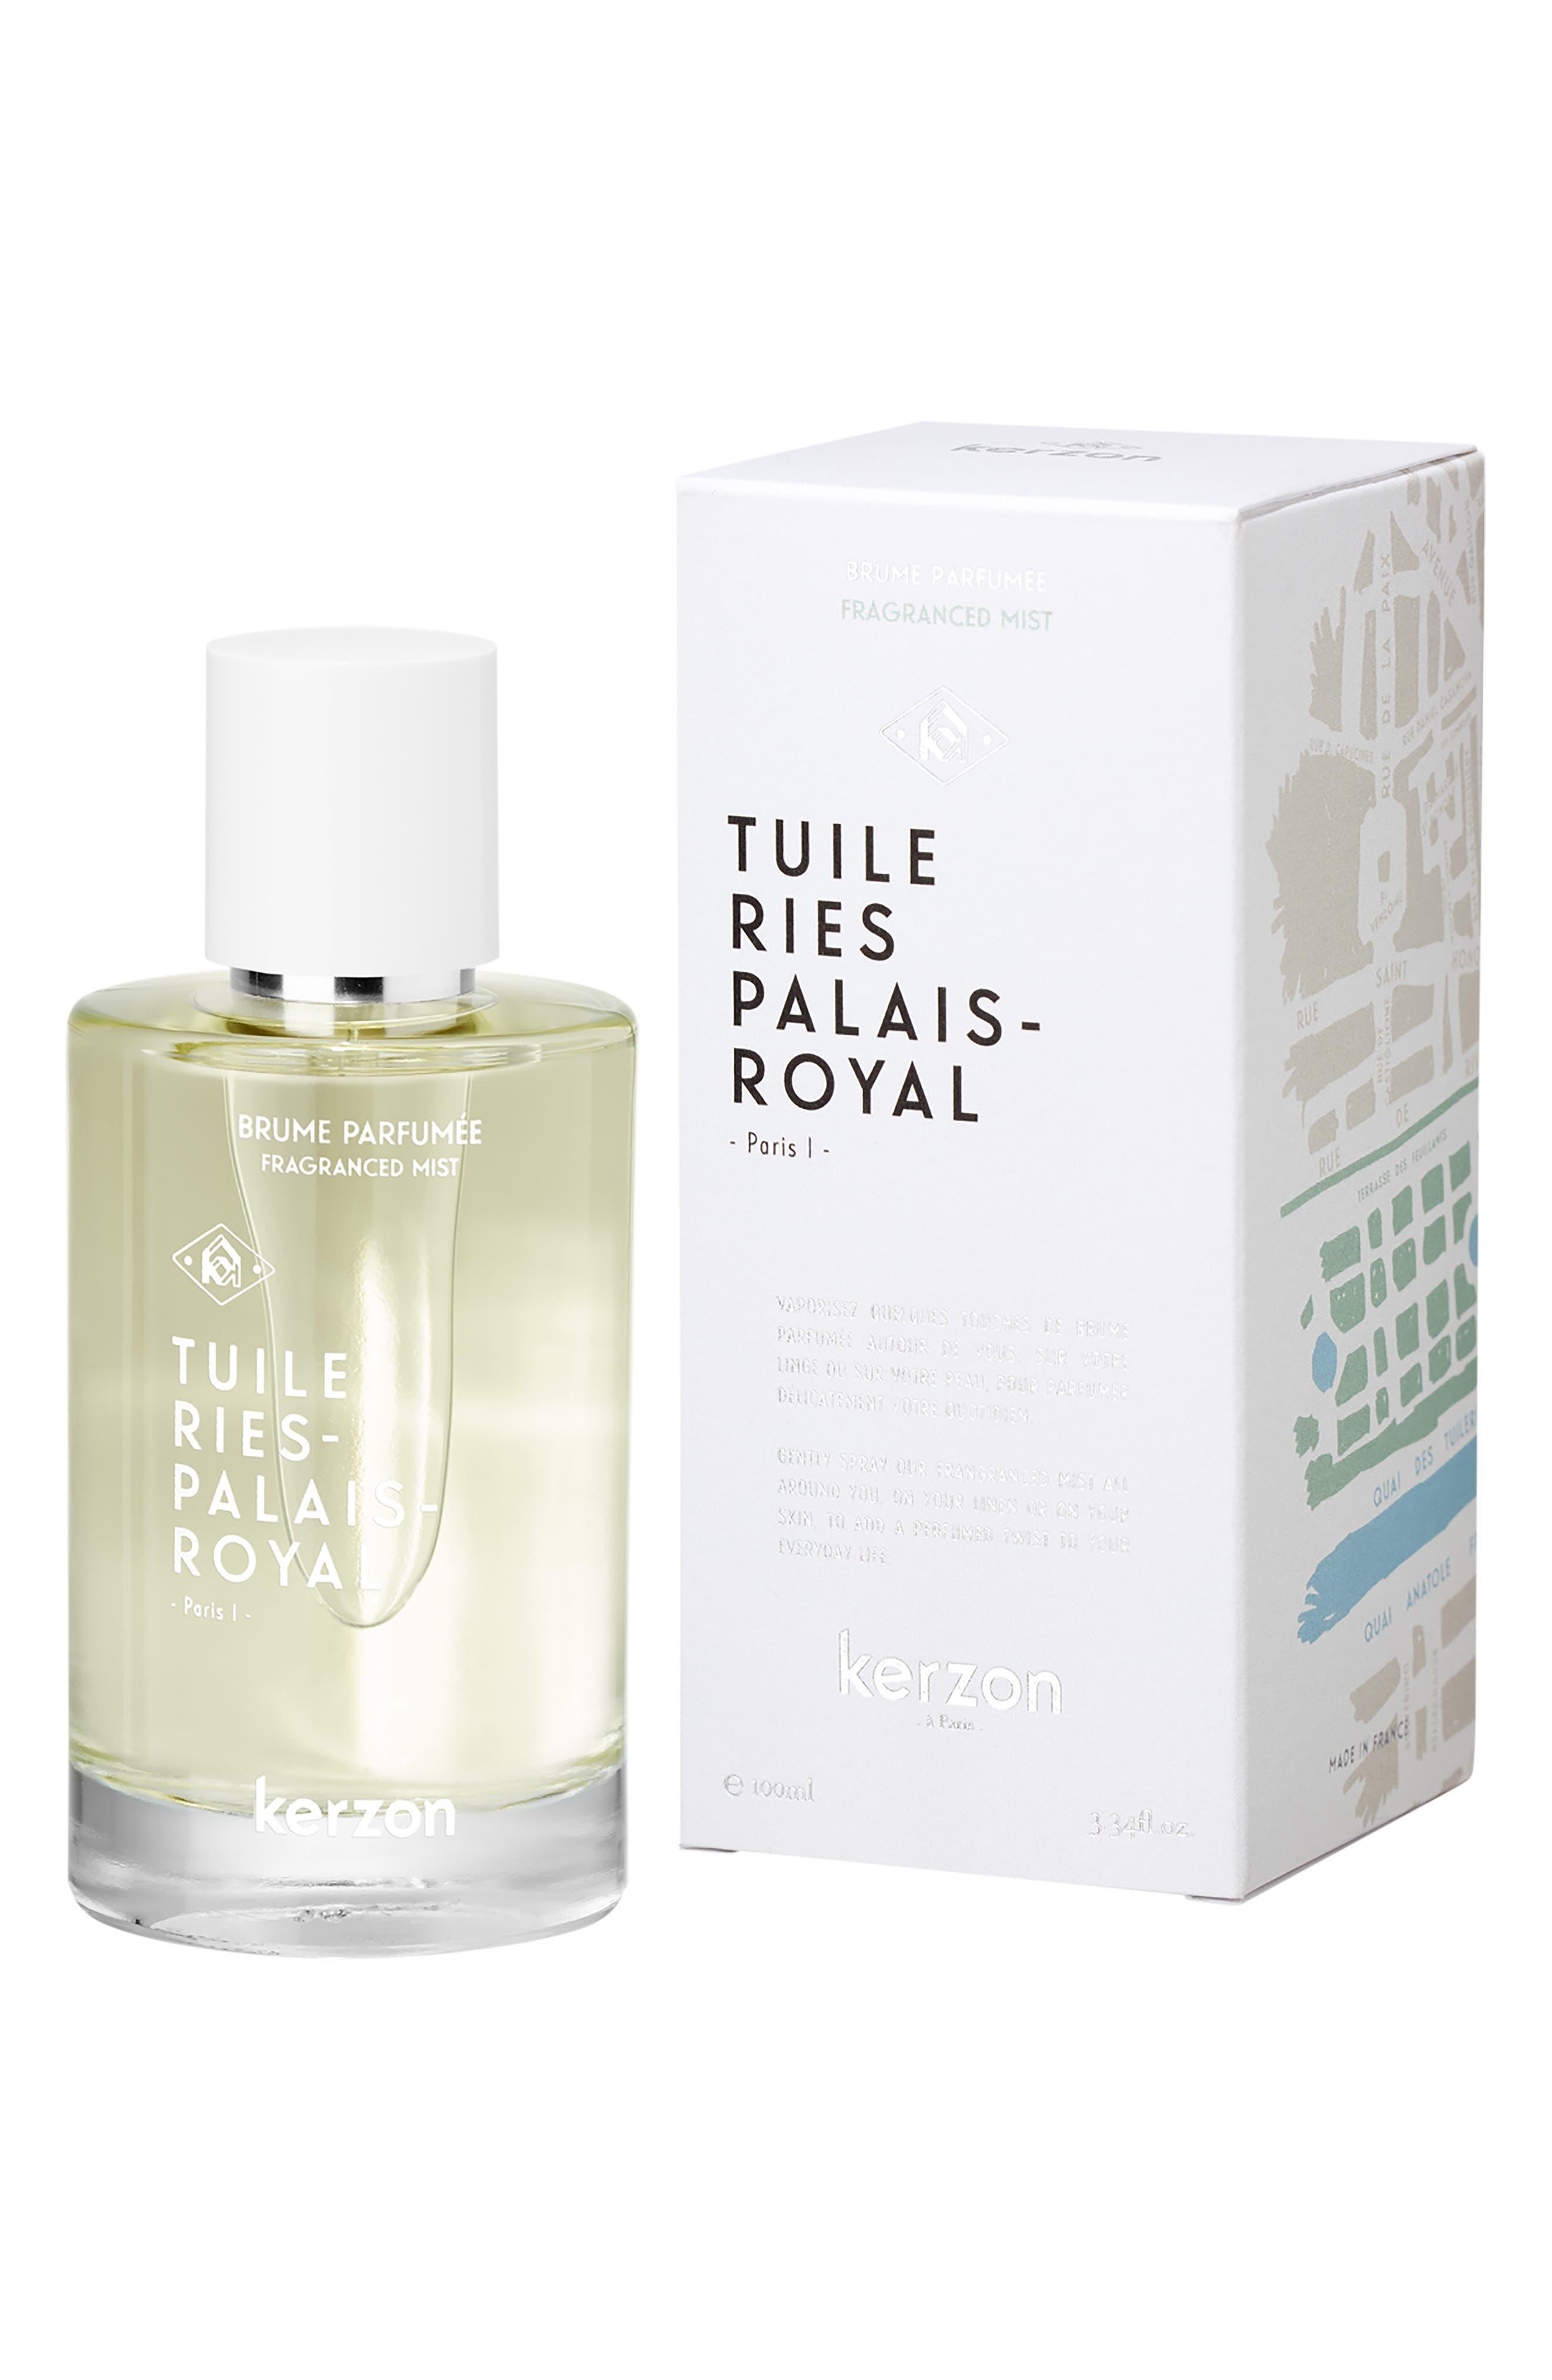 Tuileries Palais Royal Fragrance Mist